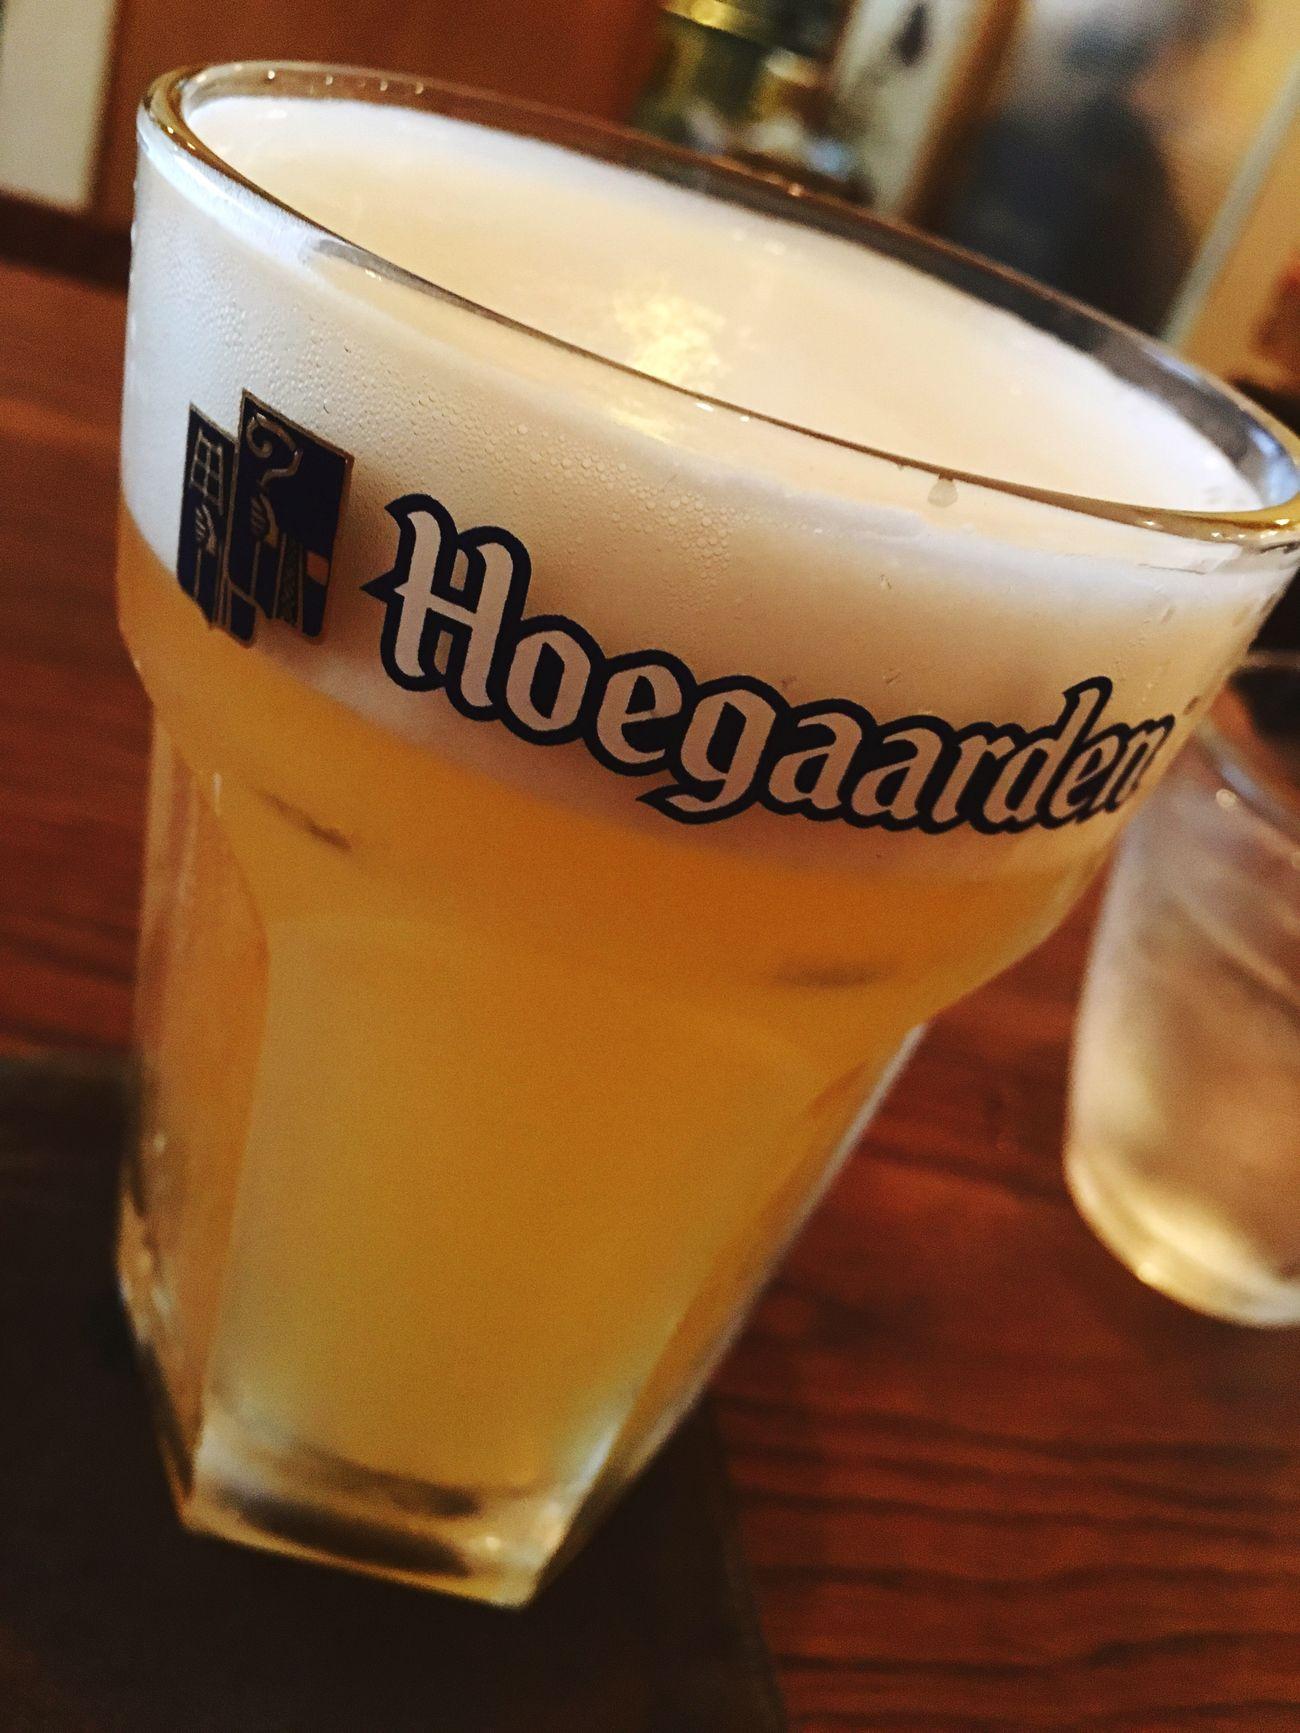 会社を休んで、日中は色々手続きに出掛けて、少し遅目のランチは近所カフェ。そして休みの日の特権、昼からフューガルデンビールでマッタリ🍺 Beer